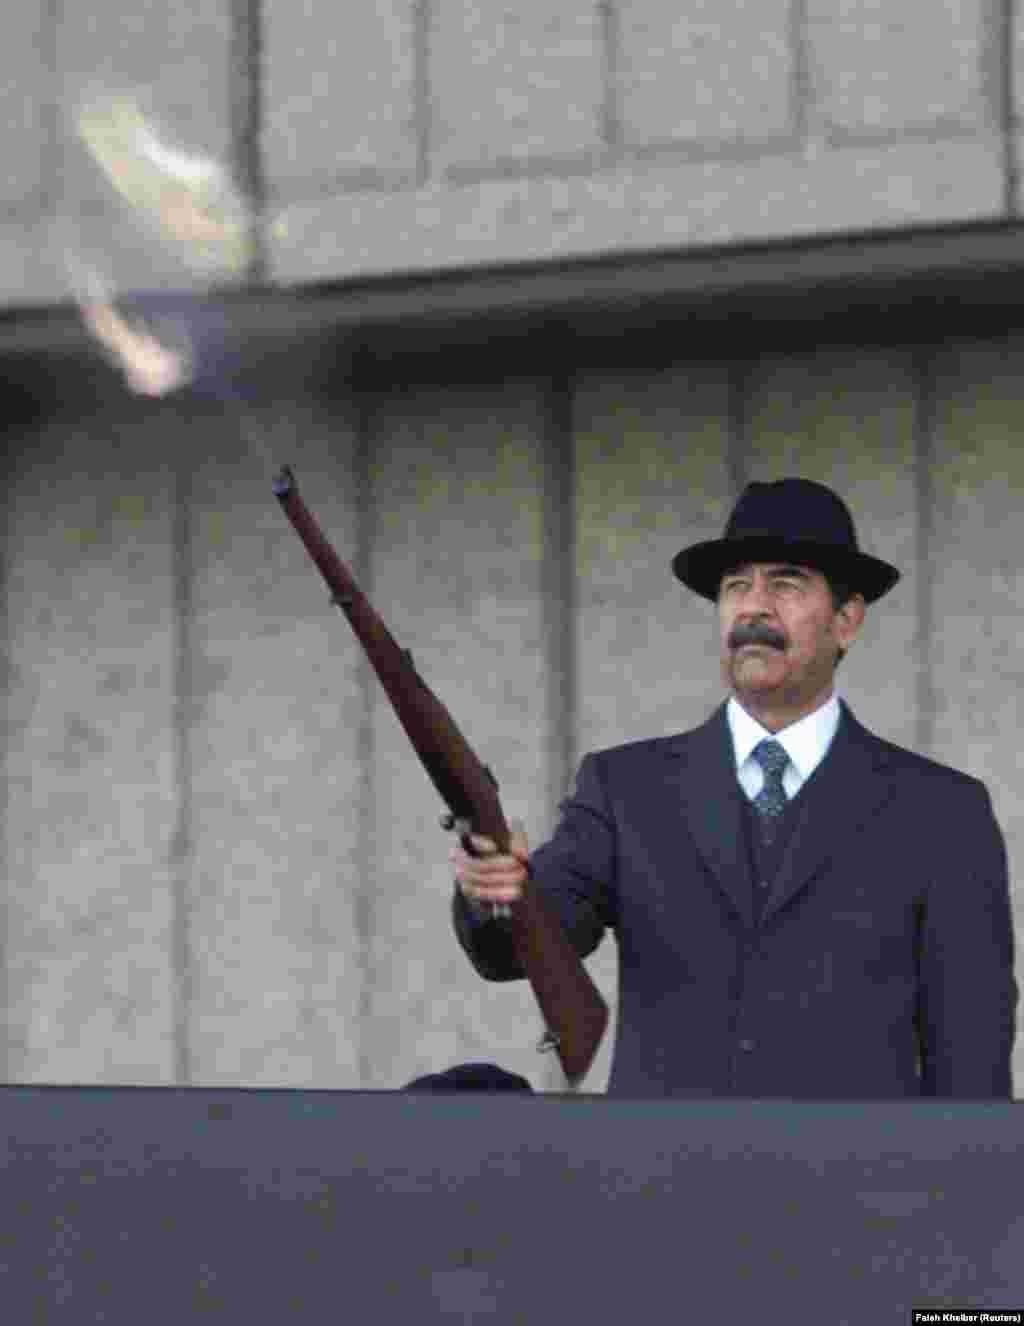 Президент Ирака Саддам Хусейн стреляет из винтовки, которую держит в одной руке. В другой — сигара. Действие происходит во время военного парада в декабре 2000 года.